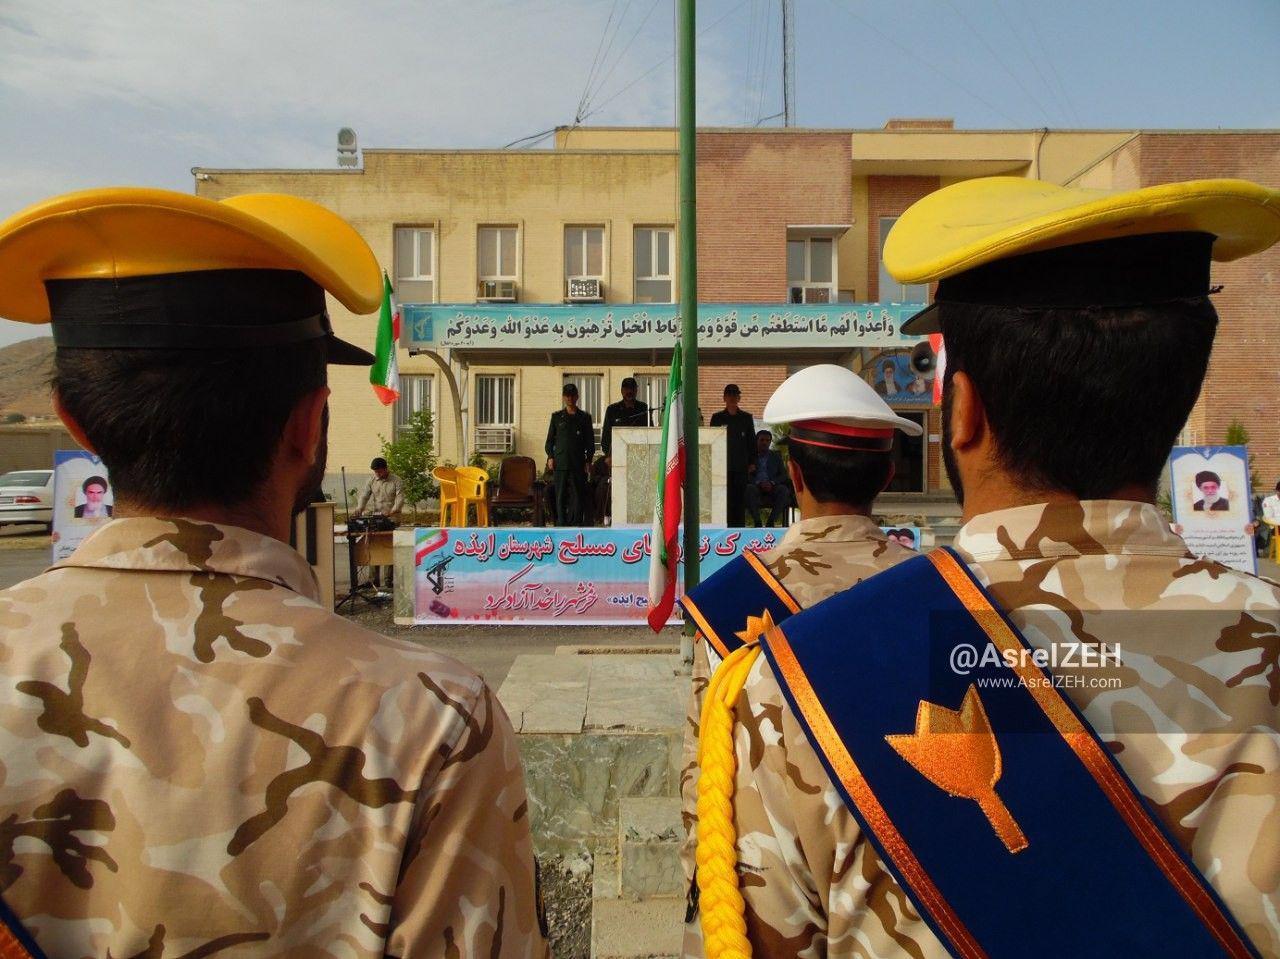 گزارش تصویری/ صبحگاه مشترک سپاه و نیروی انتظامی شهرستان ایذه